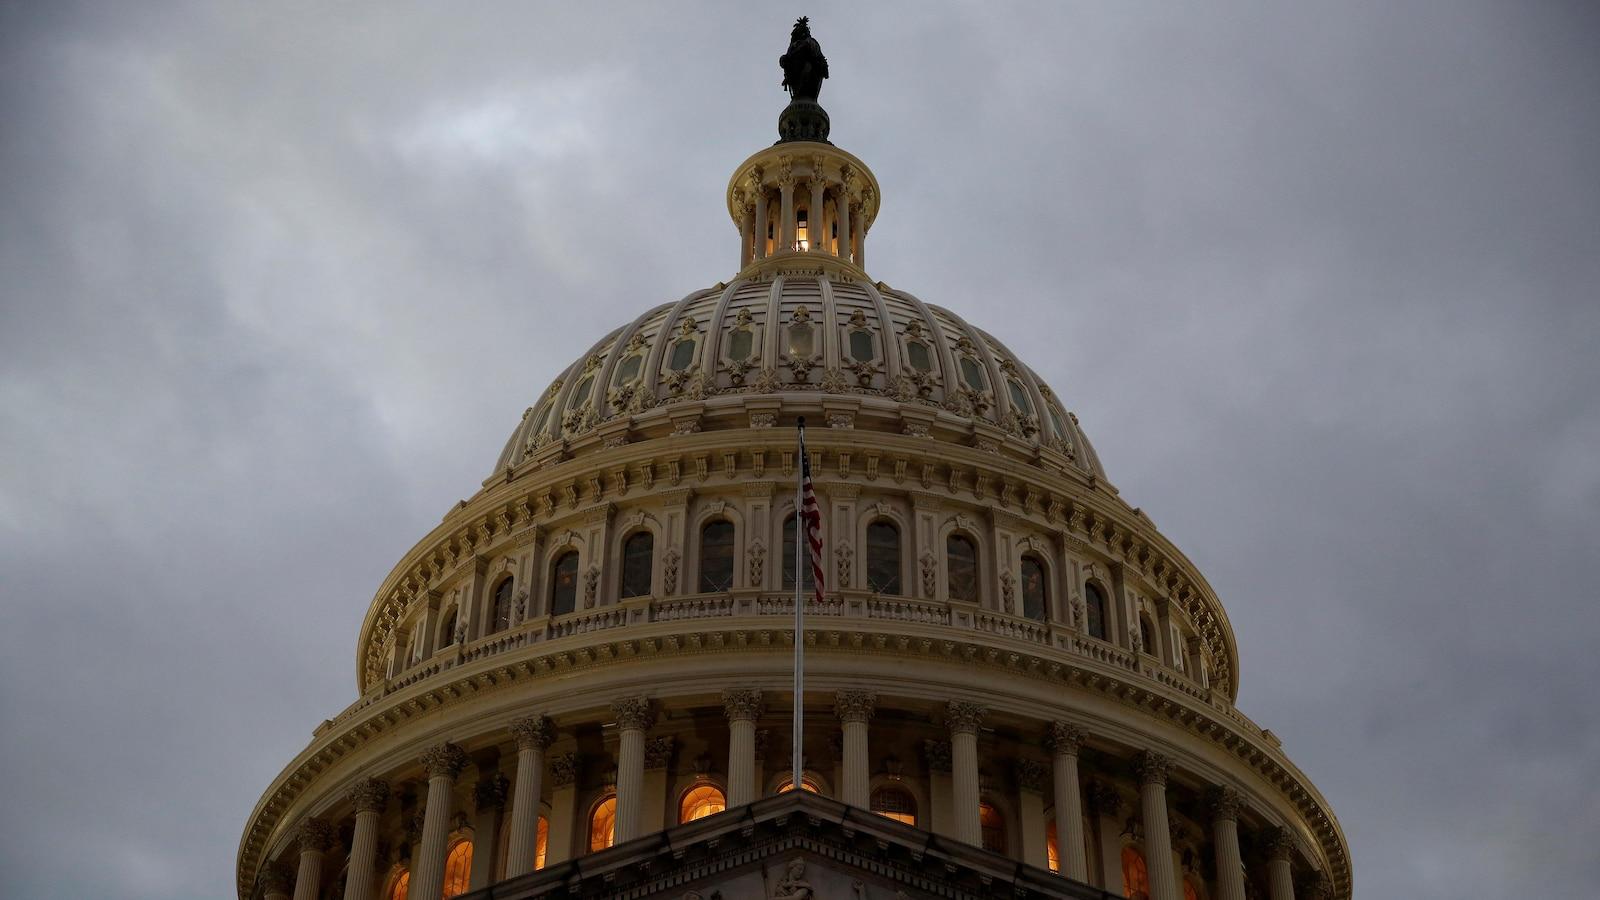 L'édifice du Capitole, sous les nuages, à l'aube.